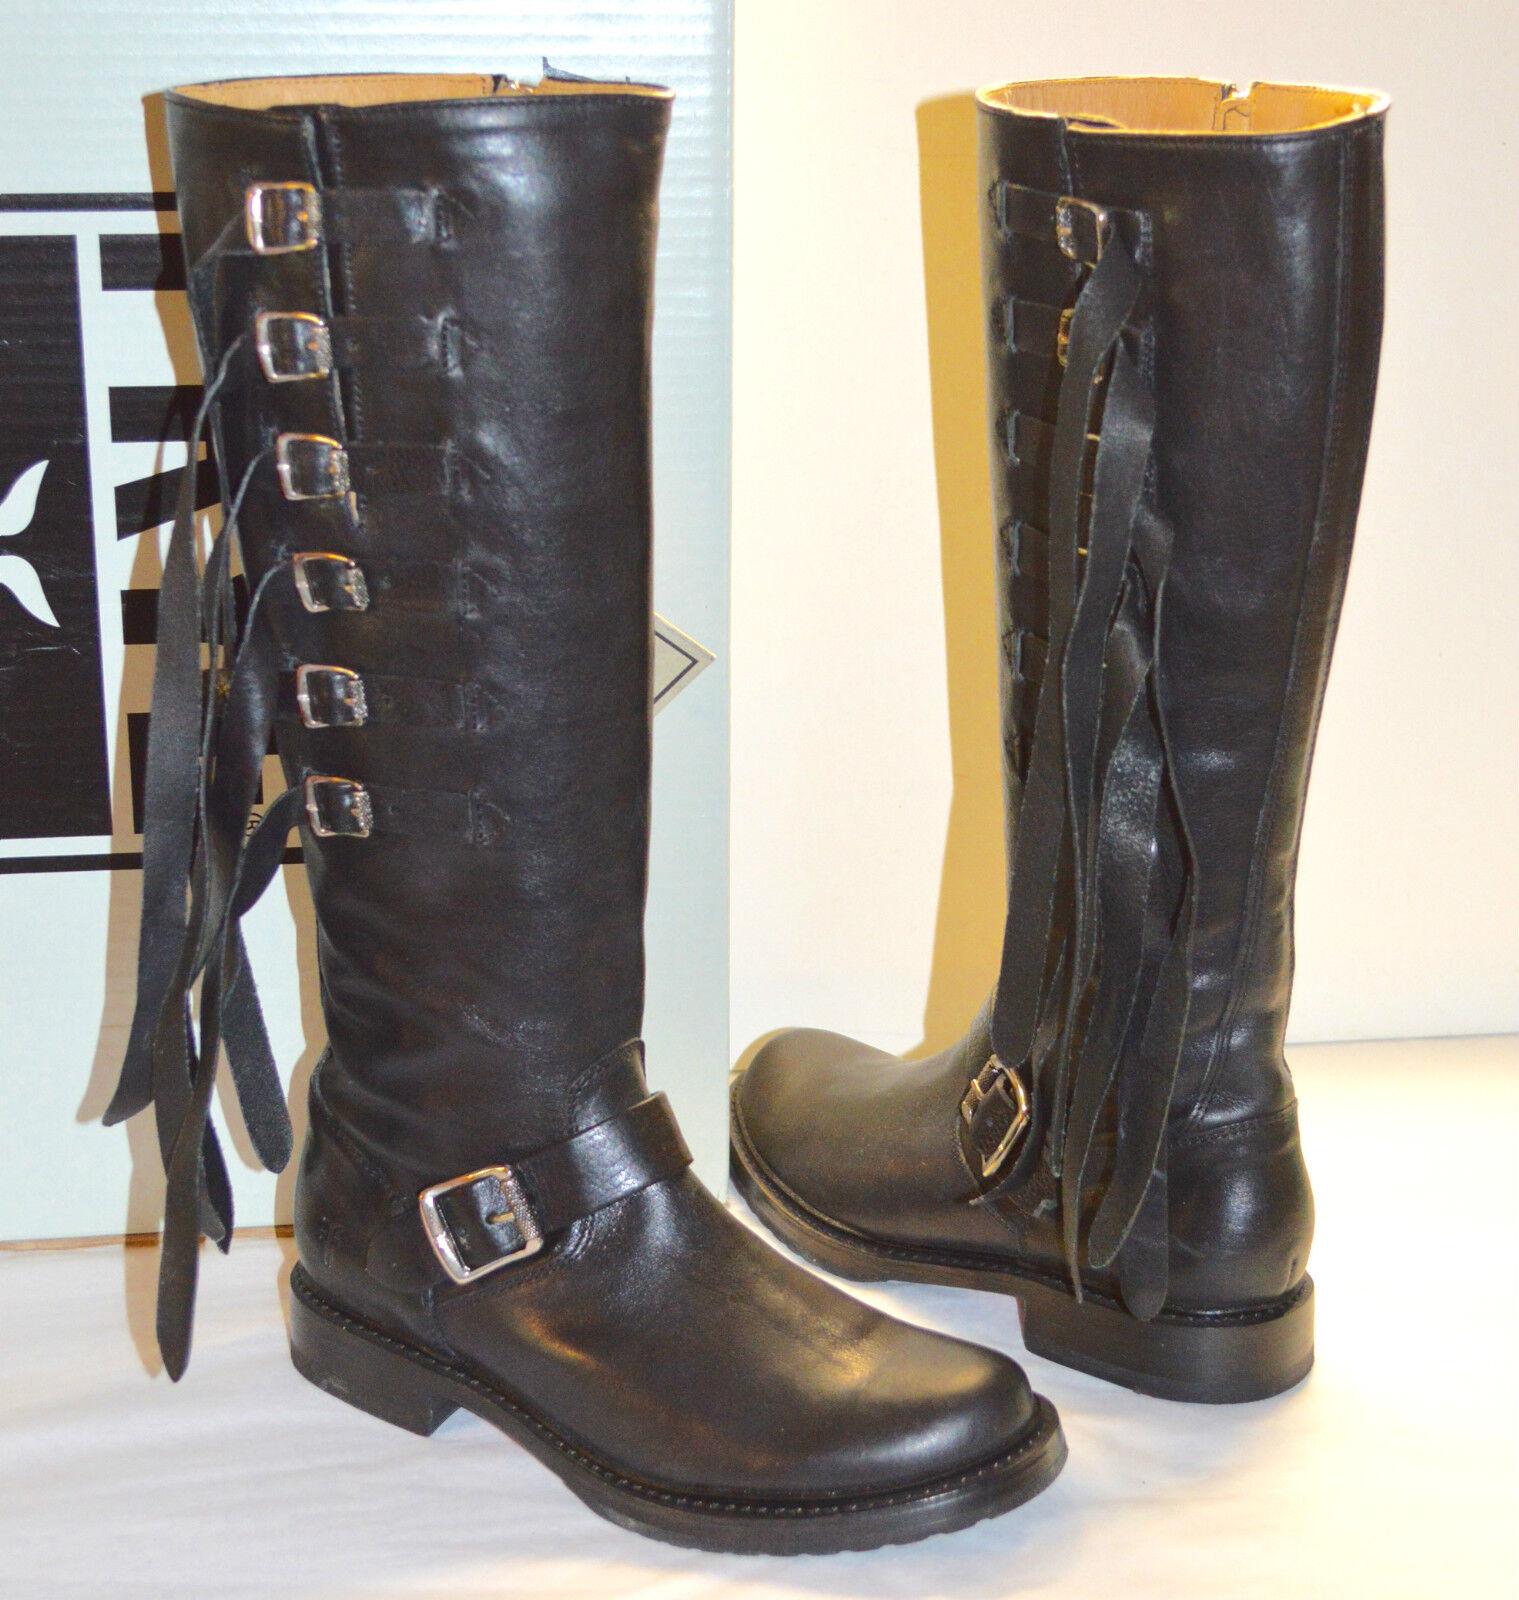 Nuevo    498 Frye Veronica Correa De Alto Cuero Negro botas De Moto Flecos Correas De Alto  moda